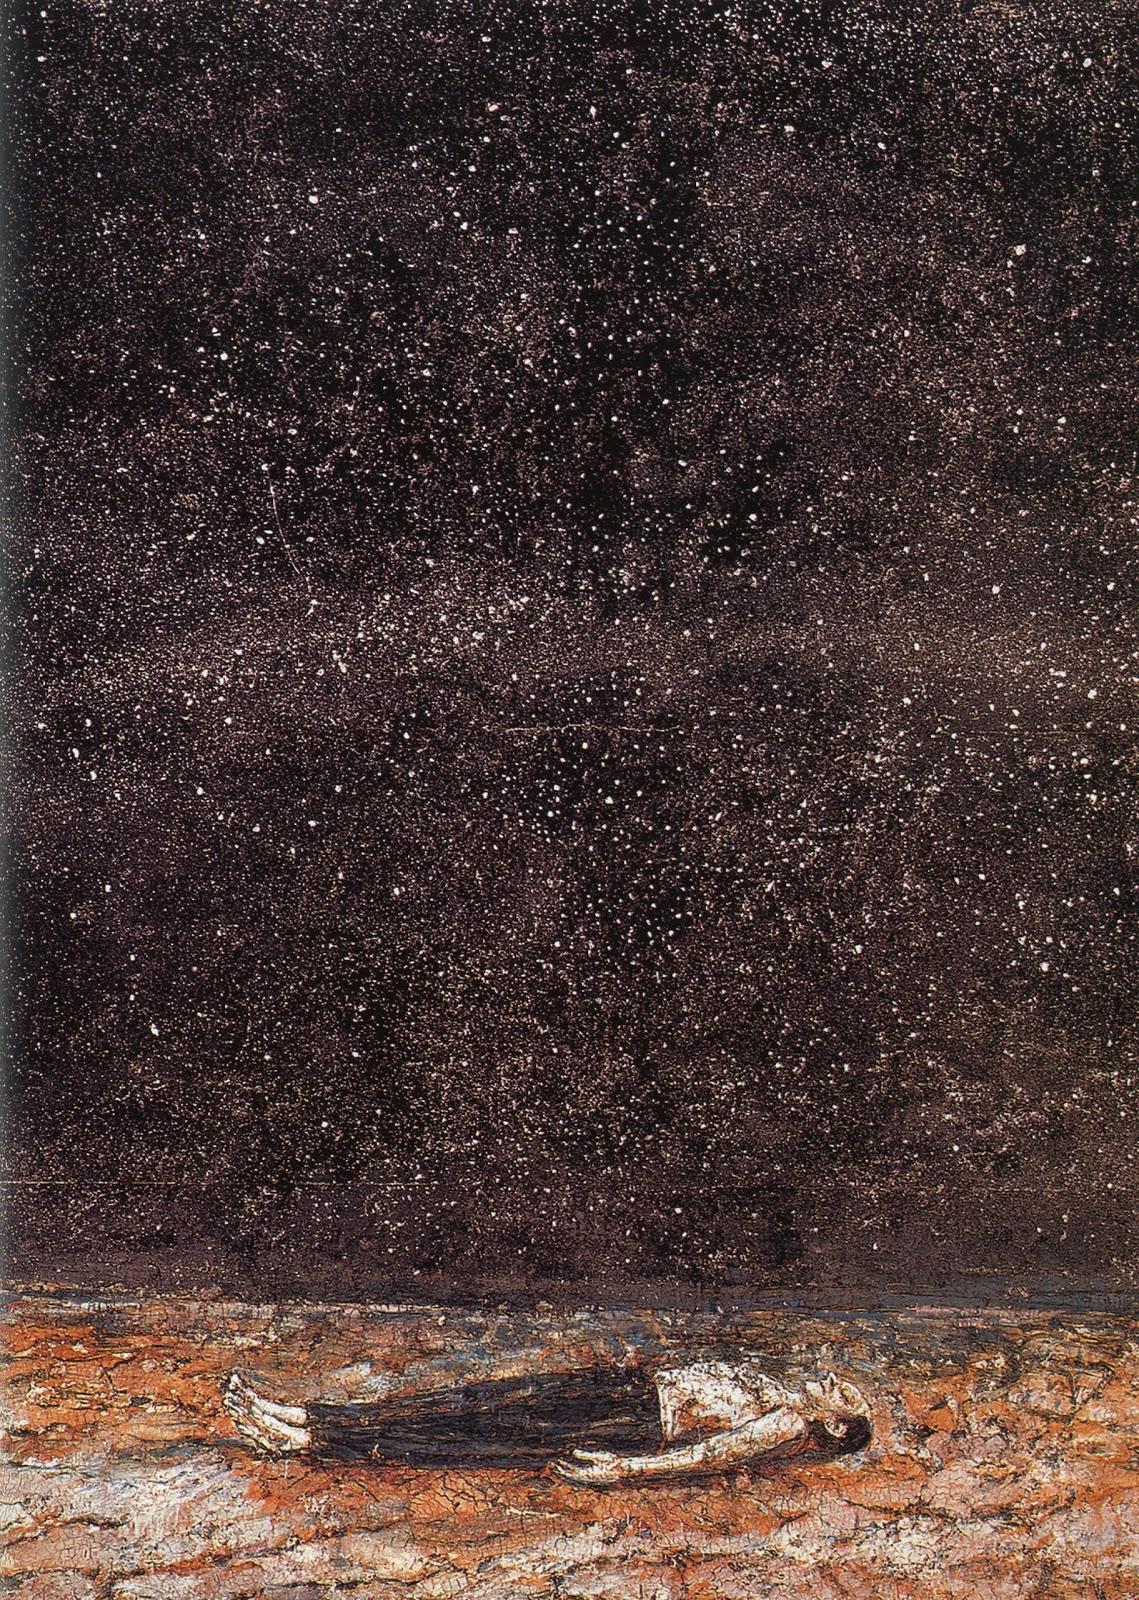 Las célebres órdenes de la noche. Ansalm Kiefer. Museo Guggenheim